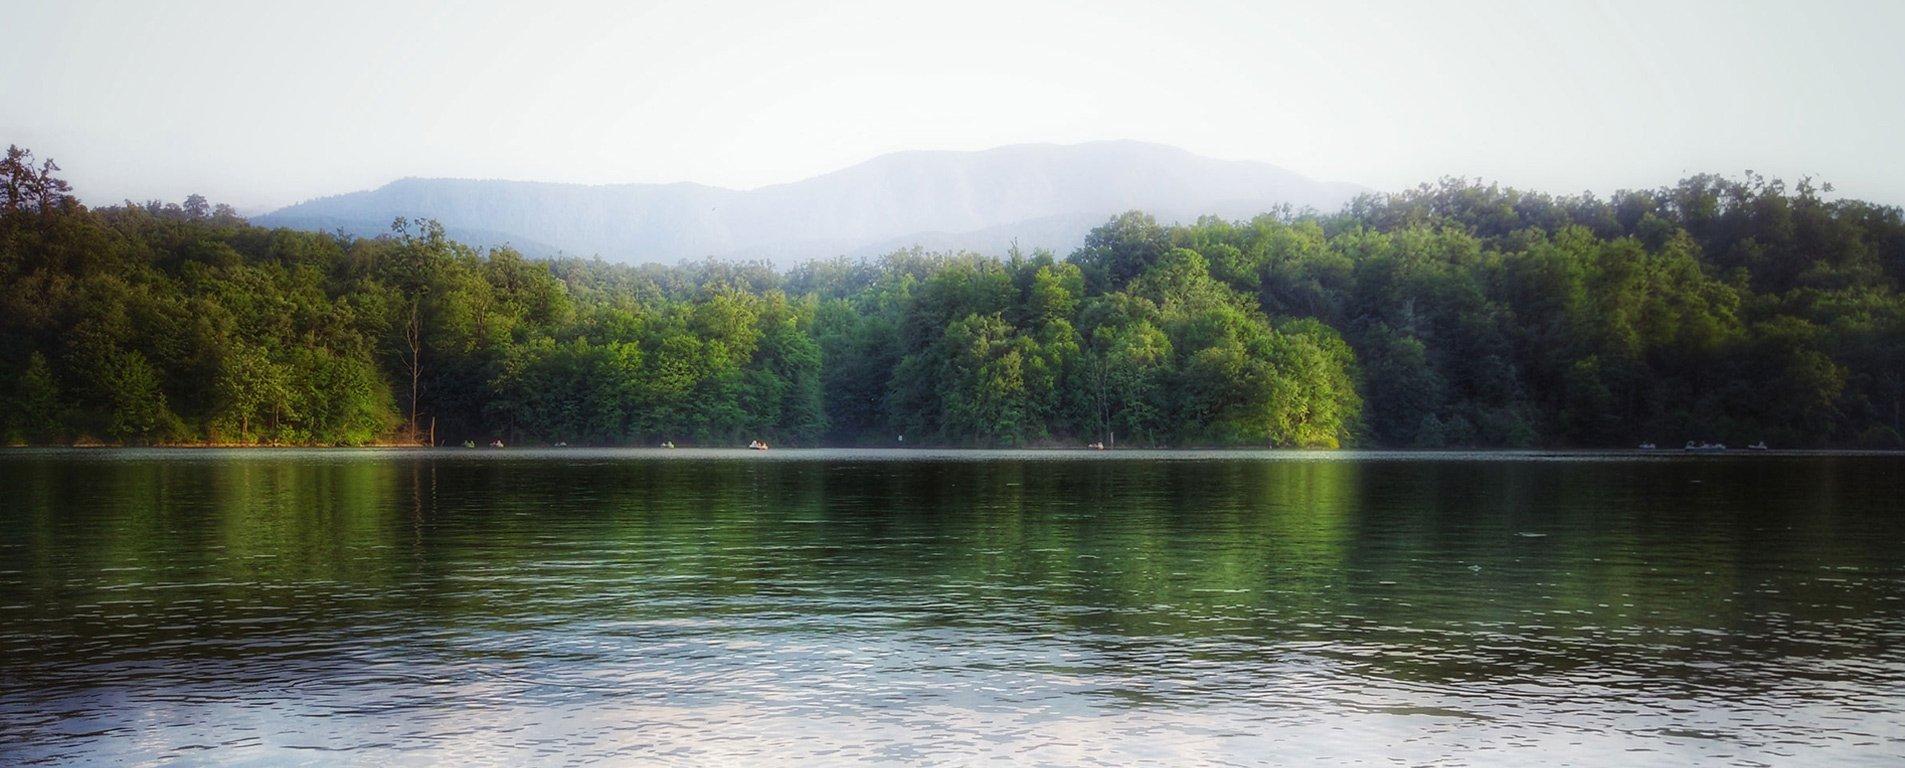 دریاچه الیمالات ، آبگیری در آغوش درختان